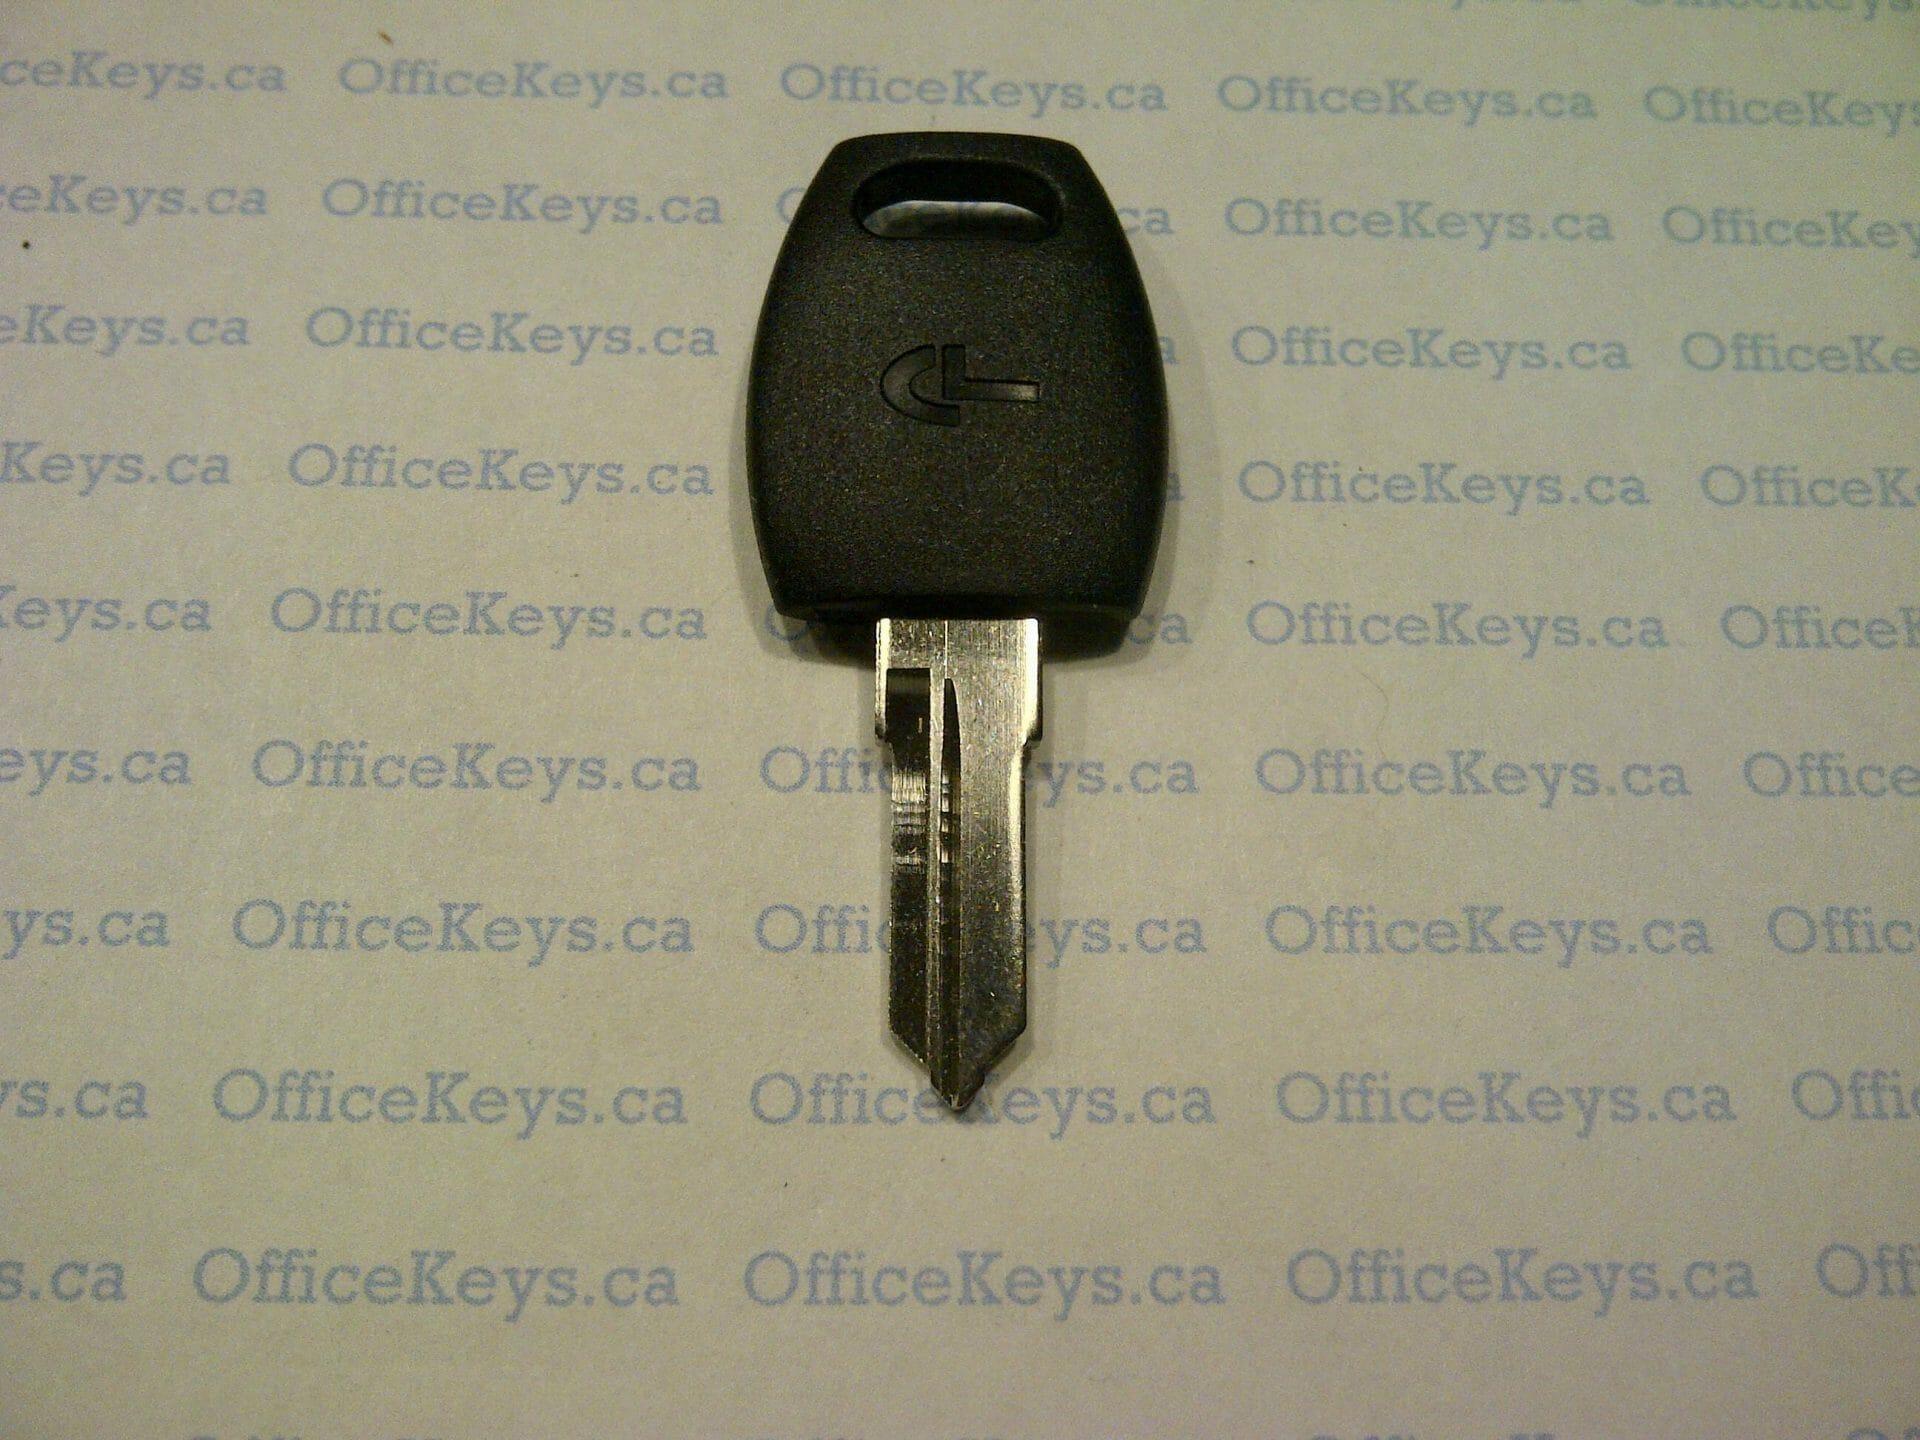 Cyberlock Cc Series Keyblank Officekeys Caofficekeys Ca